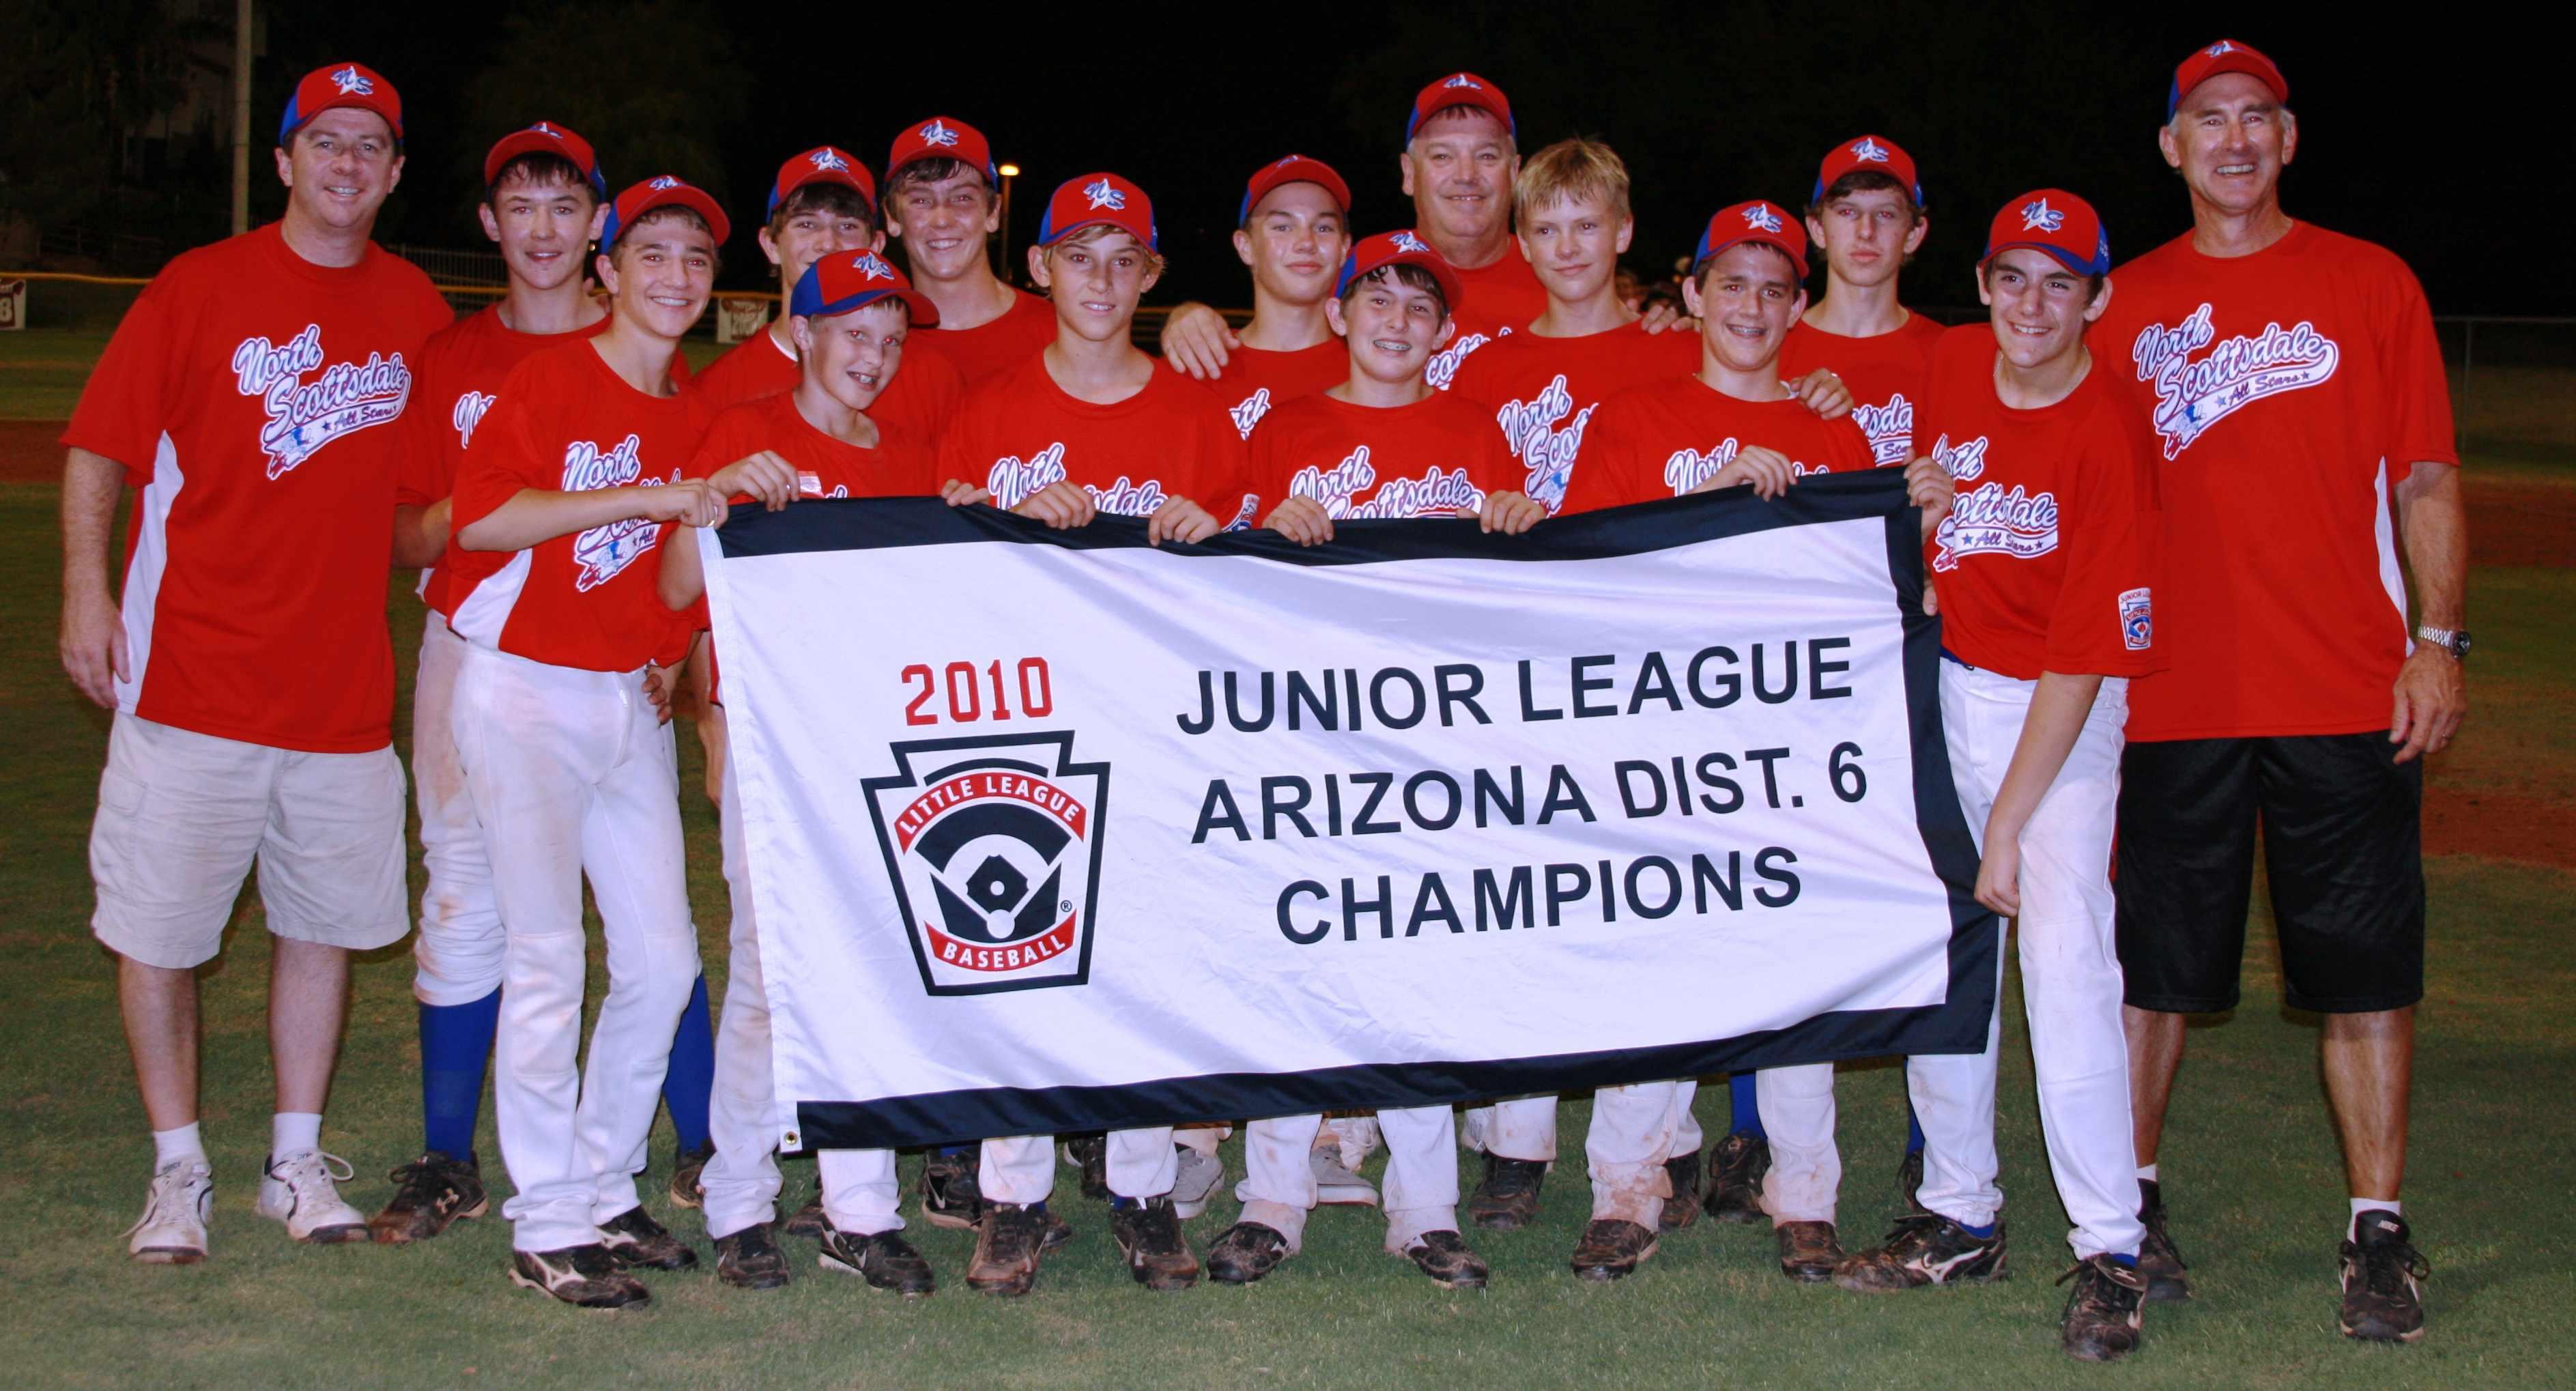 2010 Jr champs NSLL.jpg